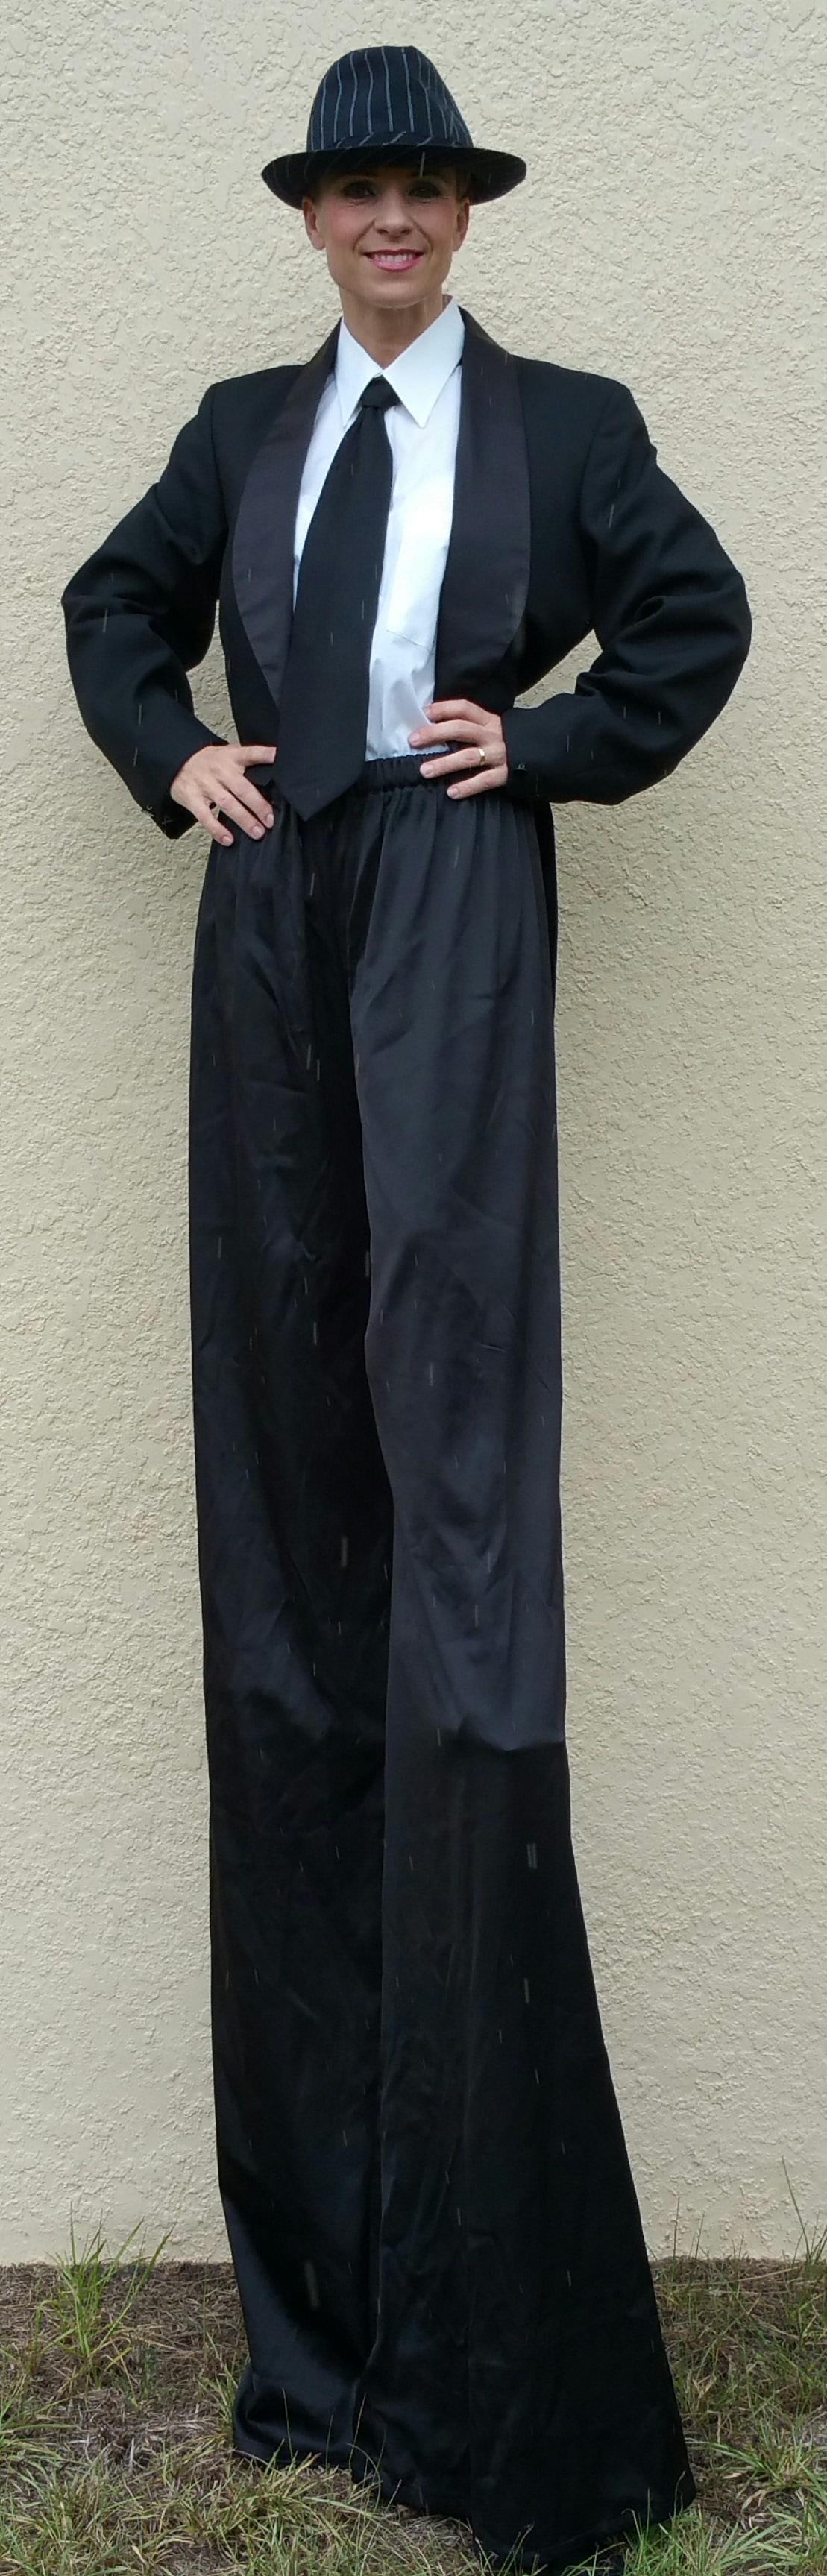 Tuxedo girl stilt walker